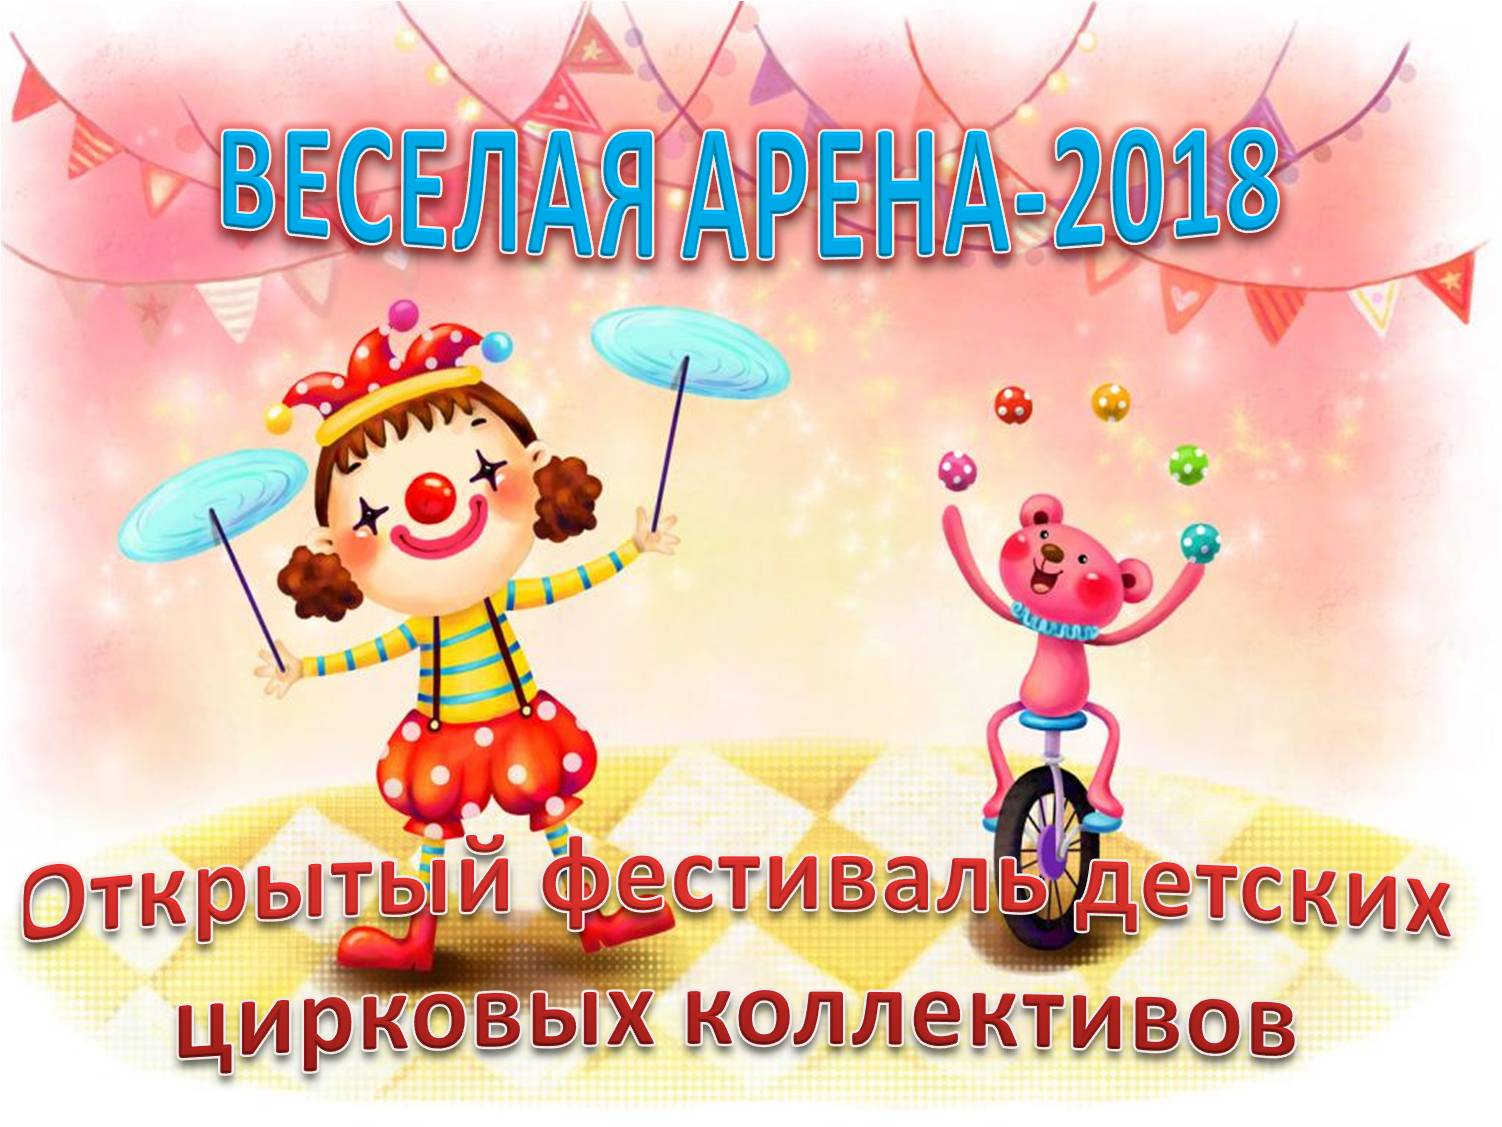 Второй открытый фестиваль детских цирковых коллективов «Весёлая арена-2018» в г. Омске